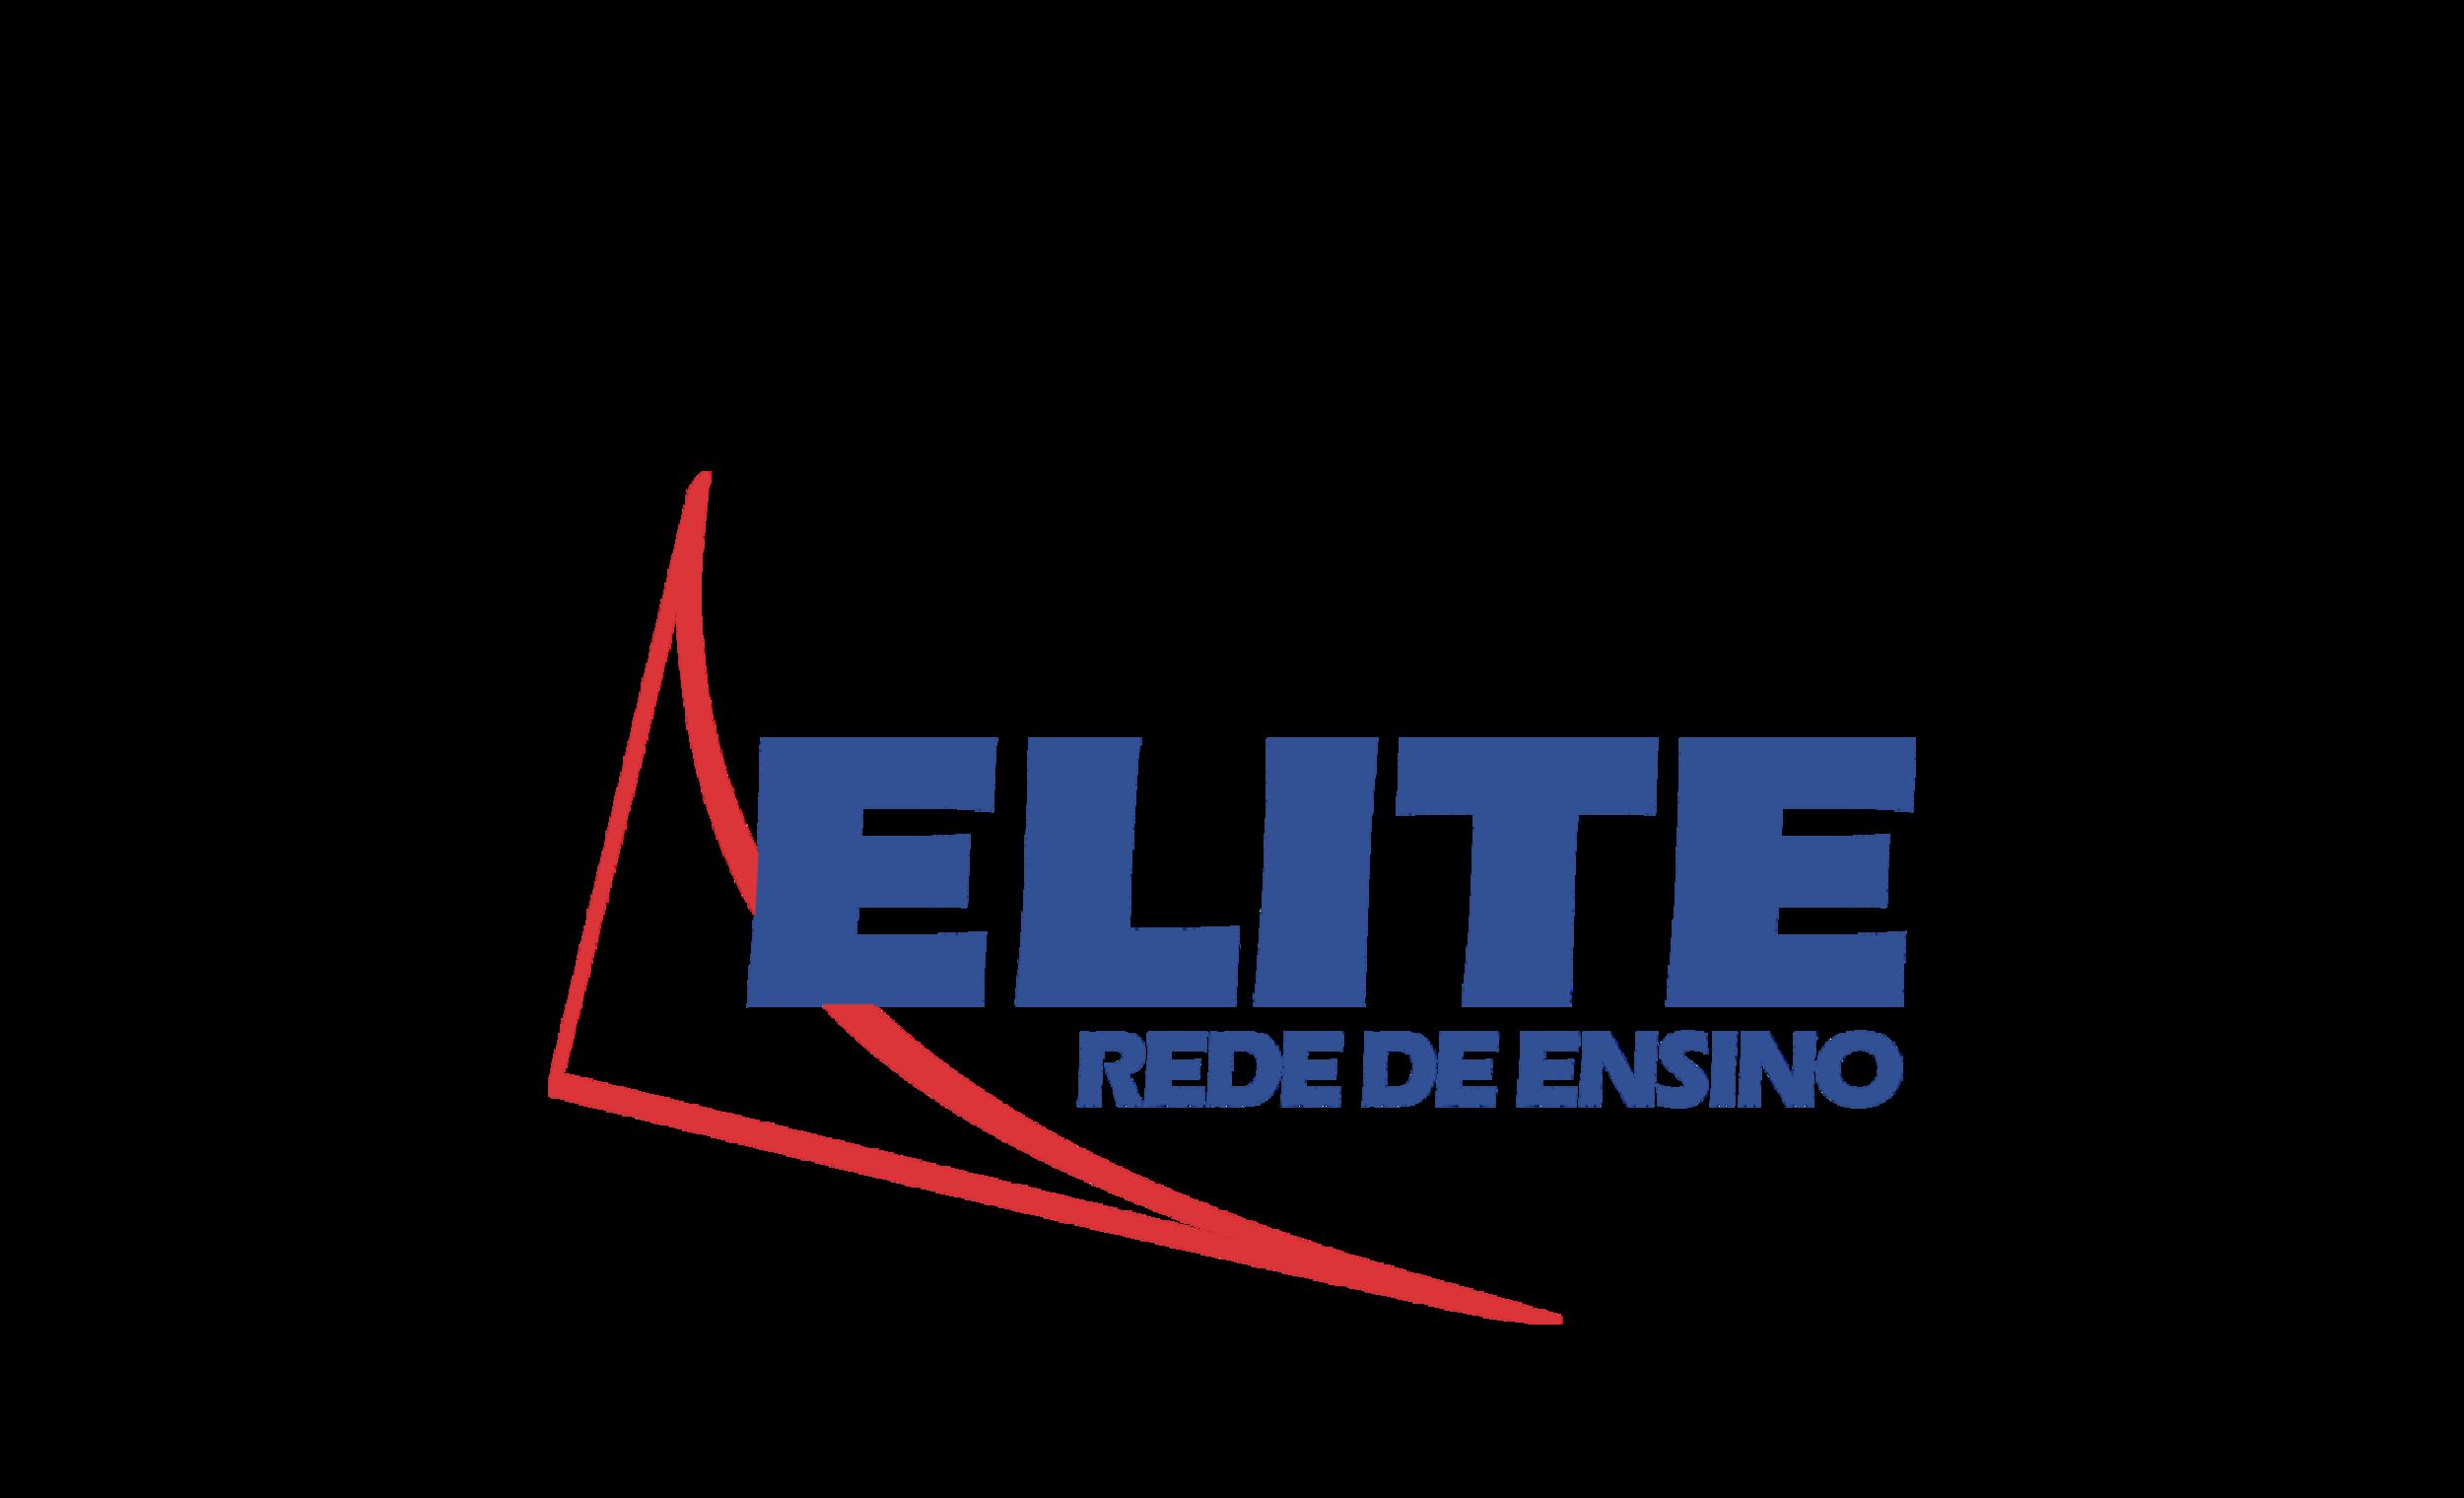 _0014_Elite-Rede-de-Ensino---Mace-e-Total.png.png./